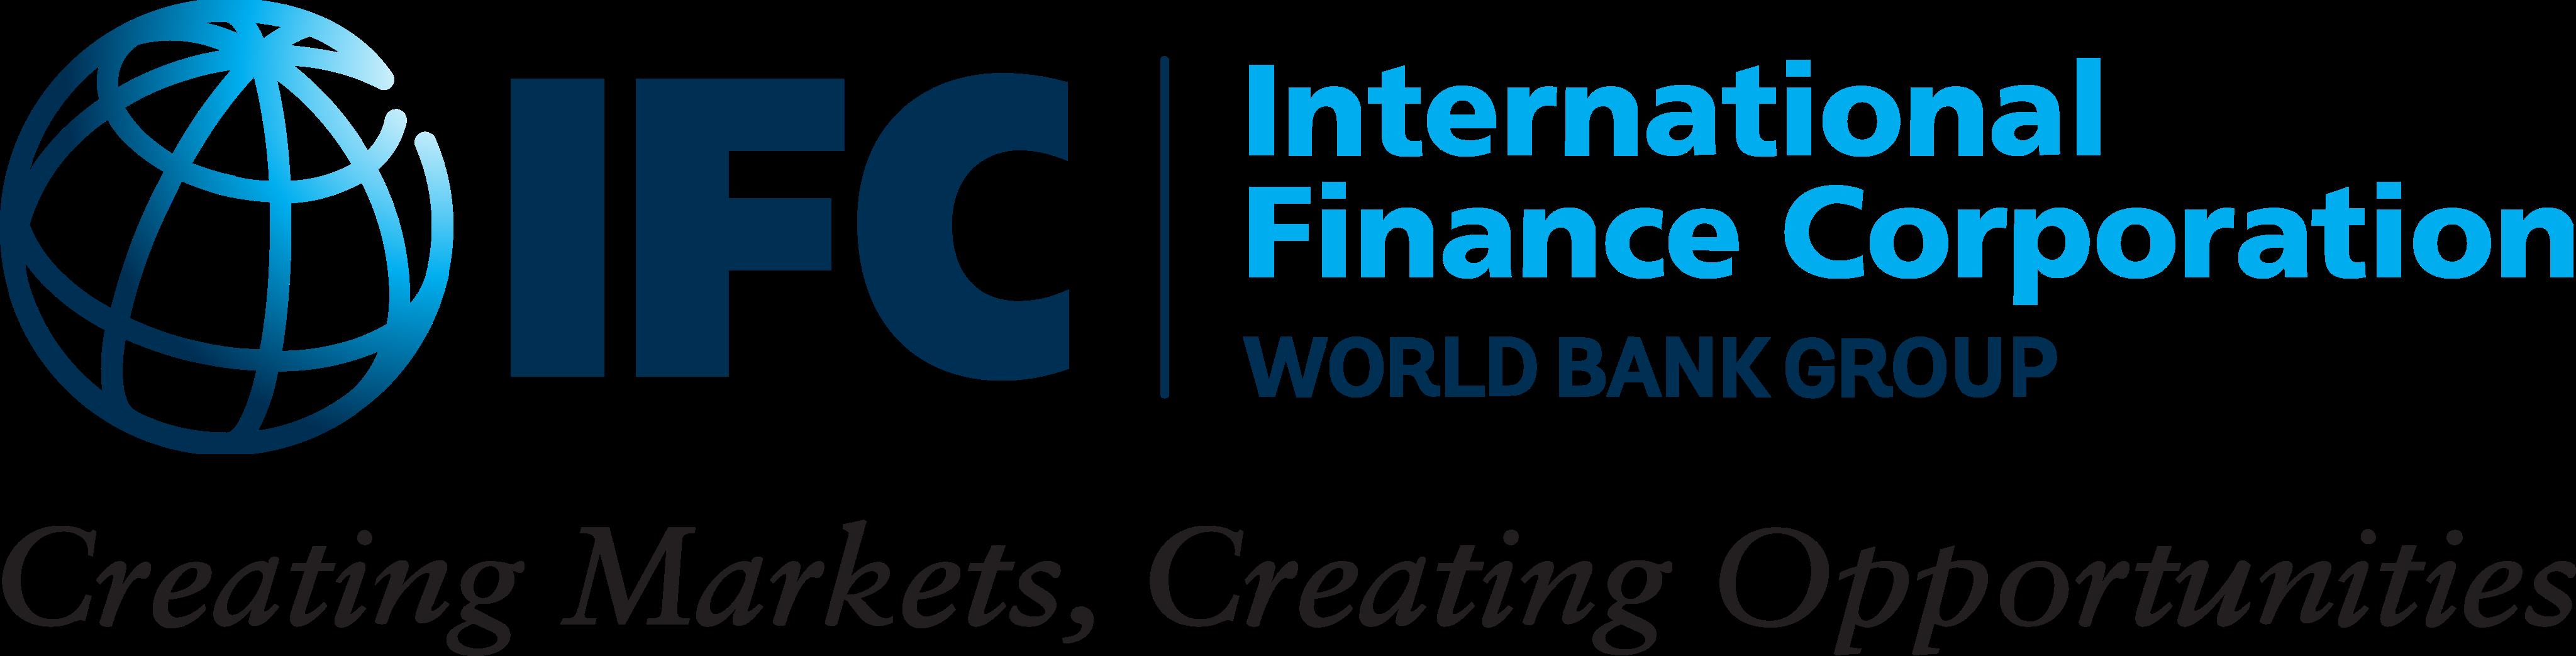 ifc logo 1 - IFC Logo